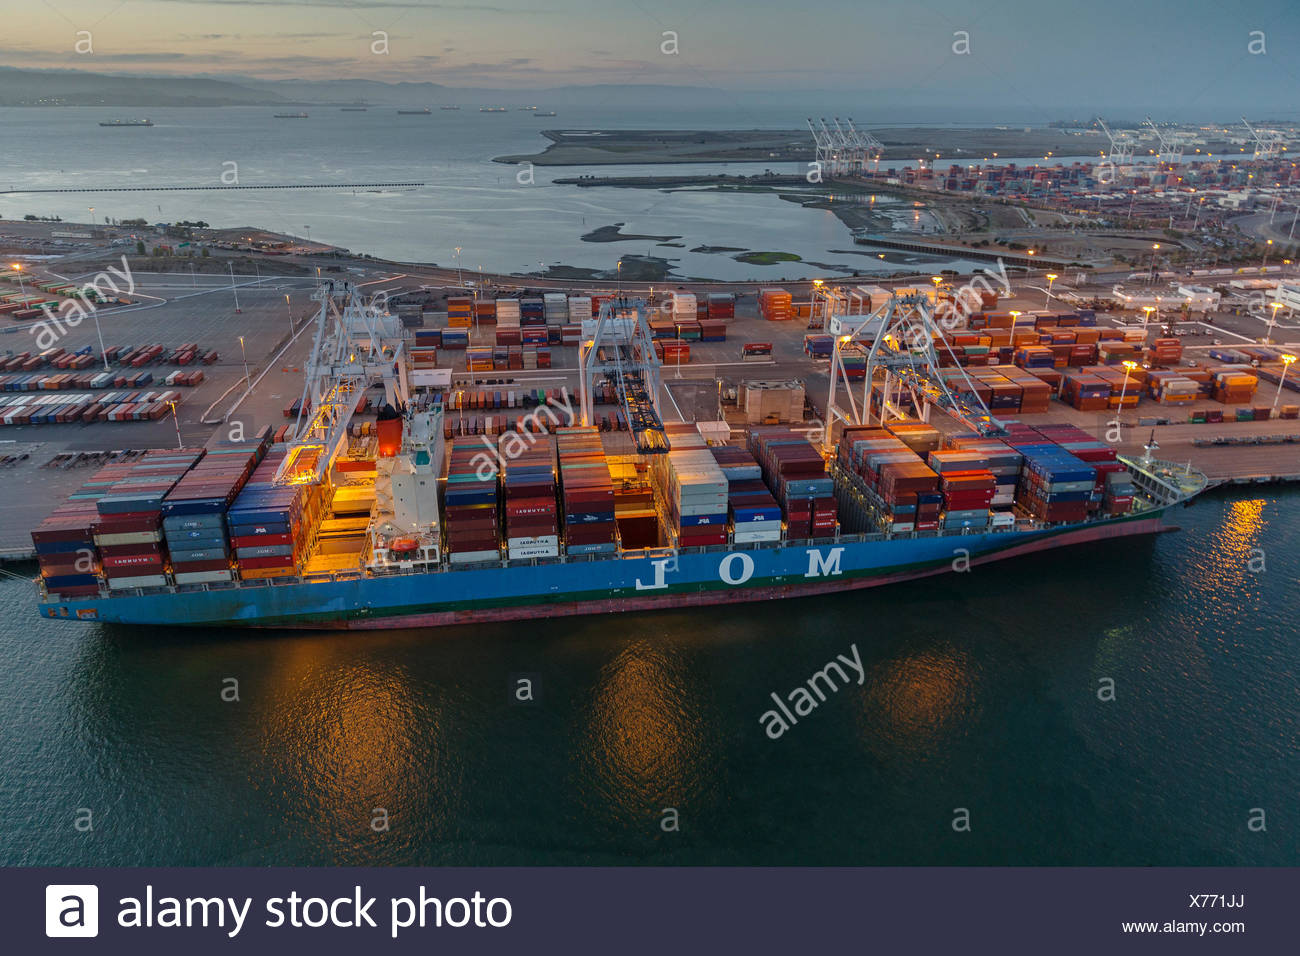 Commercial dock avec porte-conteneurs au coucher du soleil,oakland,california,usa Photo Stock